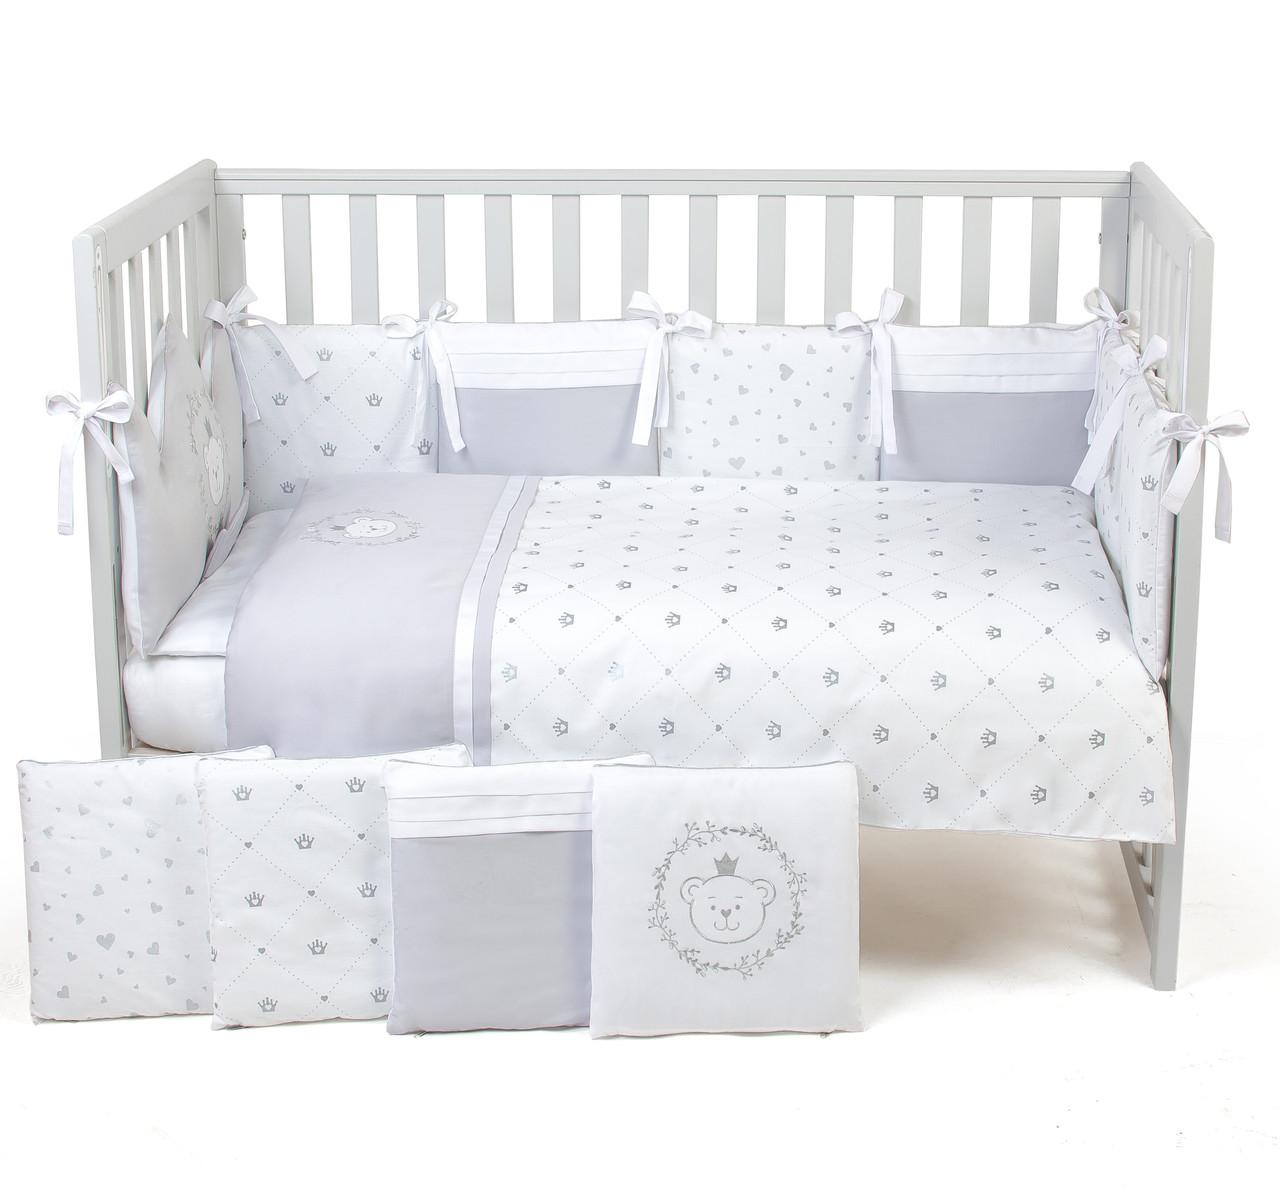 Постельный комплект для новорожденных  Veres  Royal dream